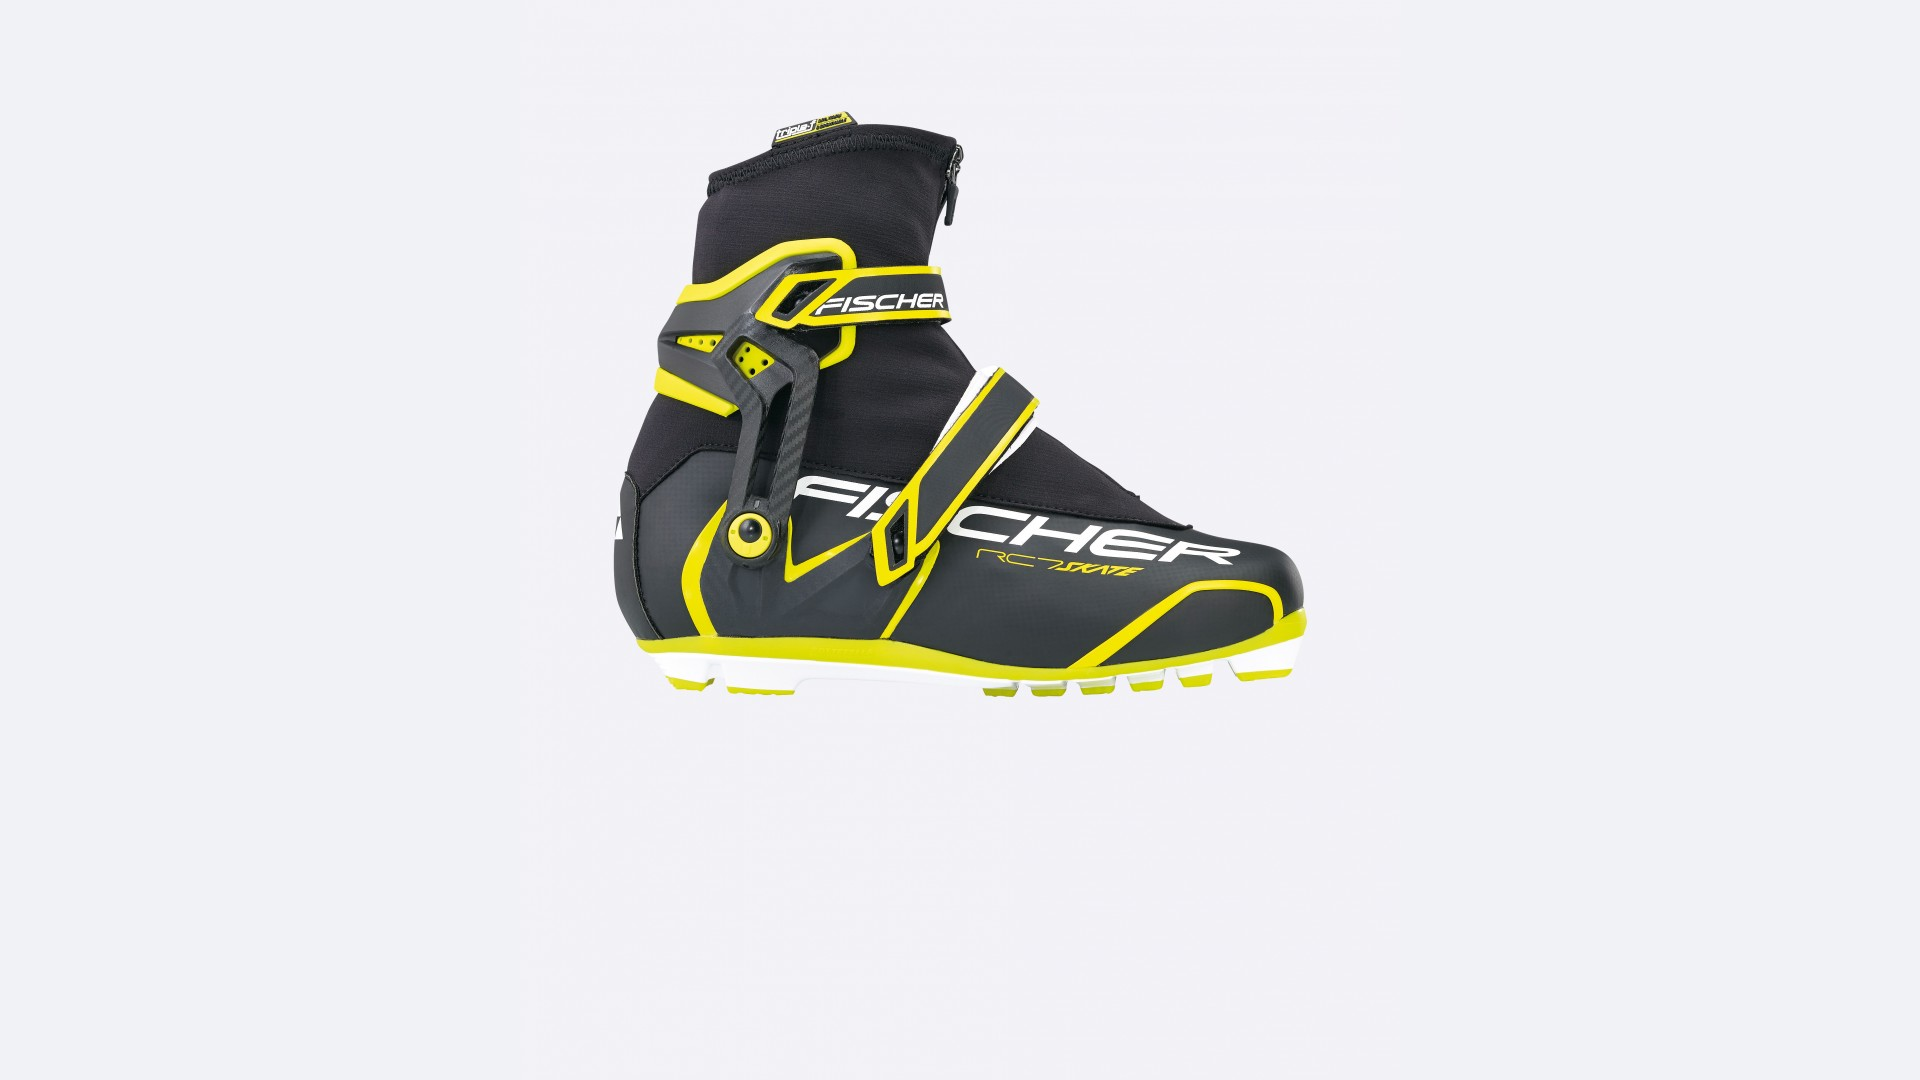 Herren Skating Schuhe RC7 SKATE